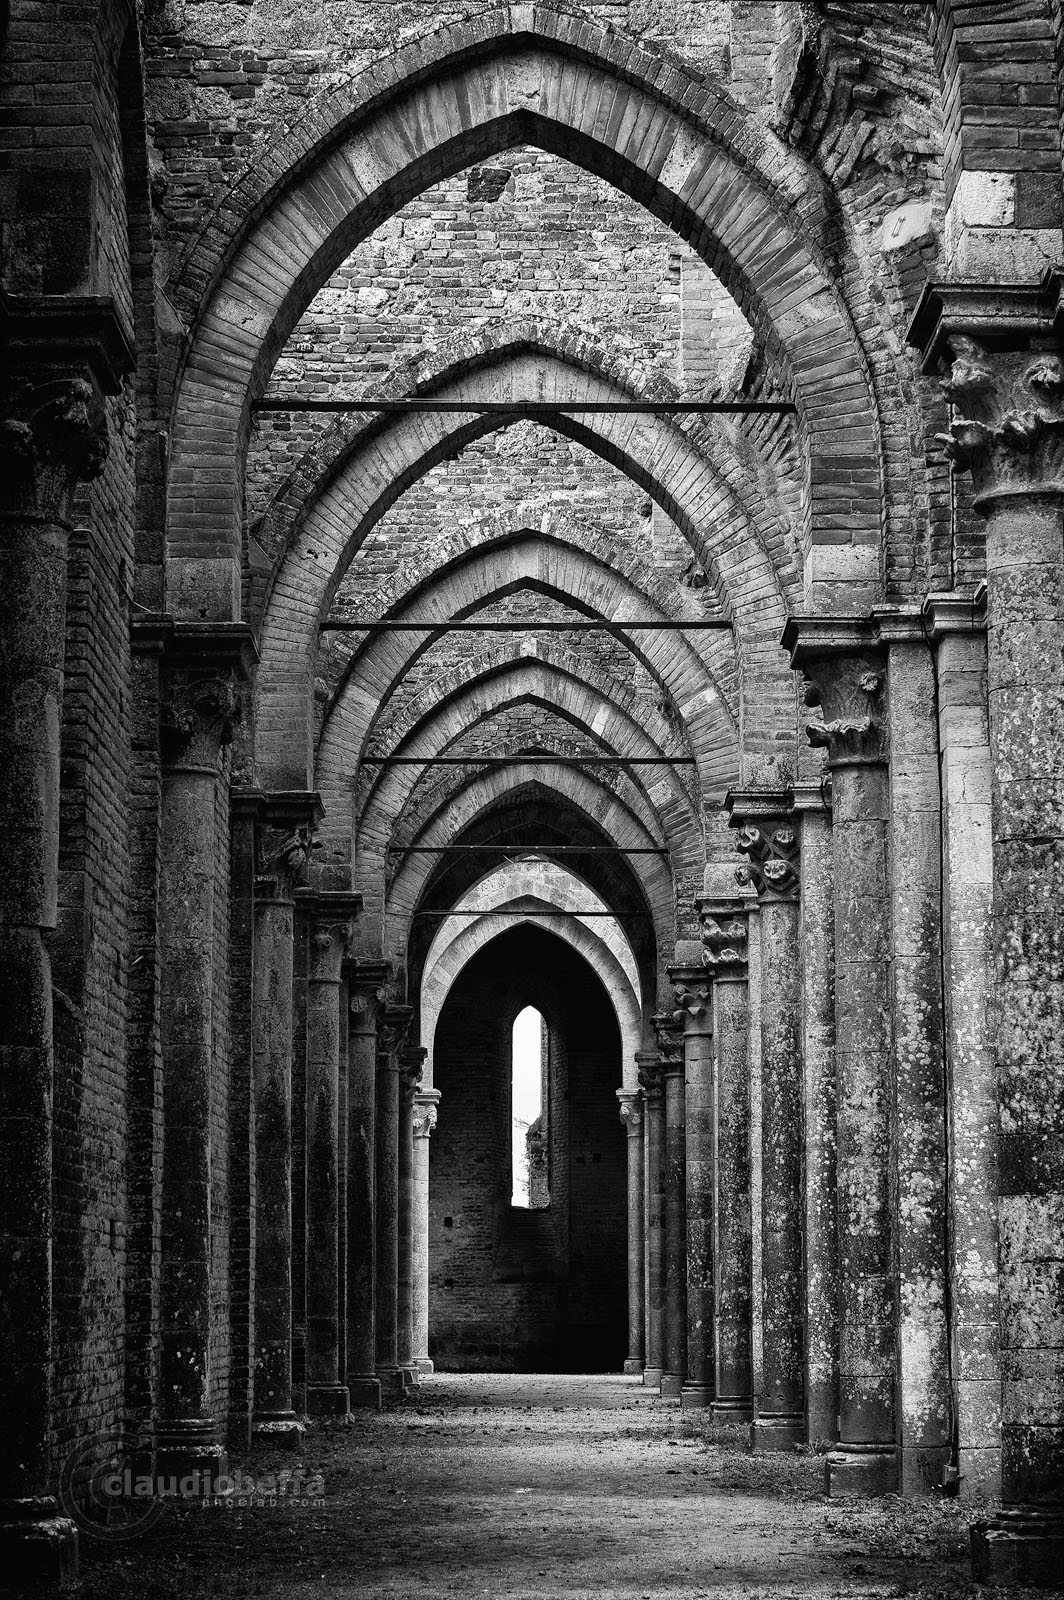 San Galgano, Abbey, Nave, Arches, Ruin, Tuscany, Italy, Nature, History, Architecture